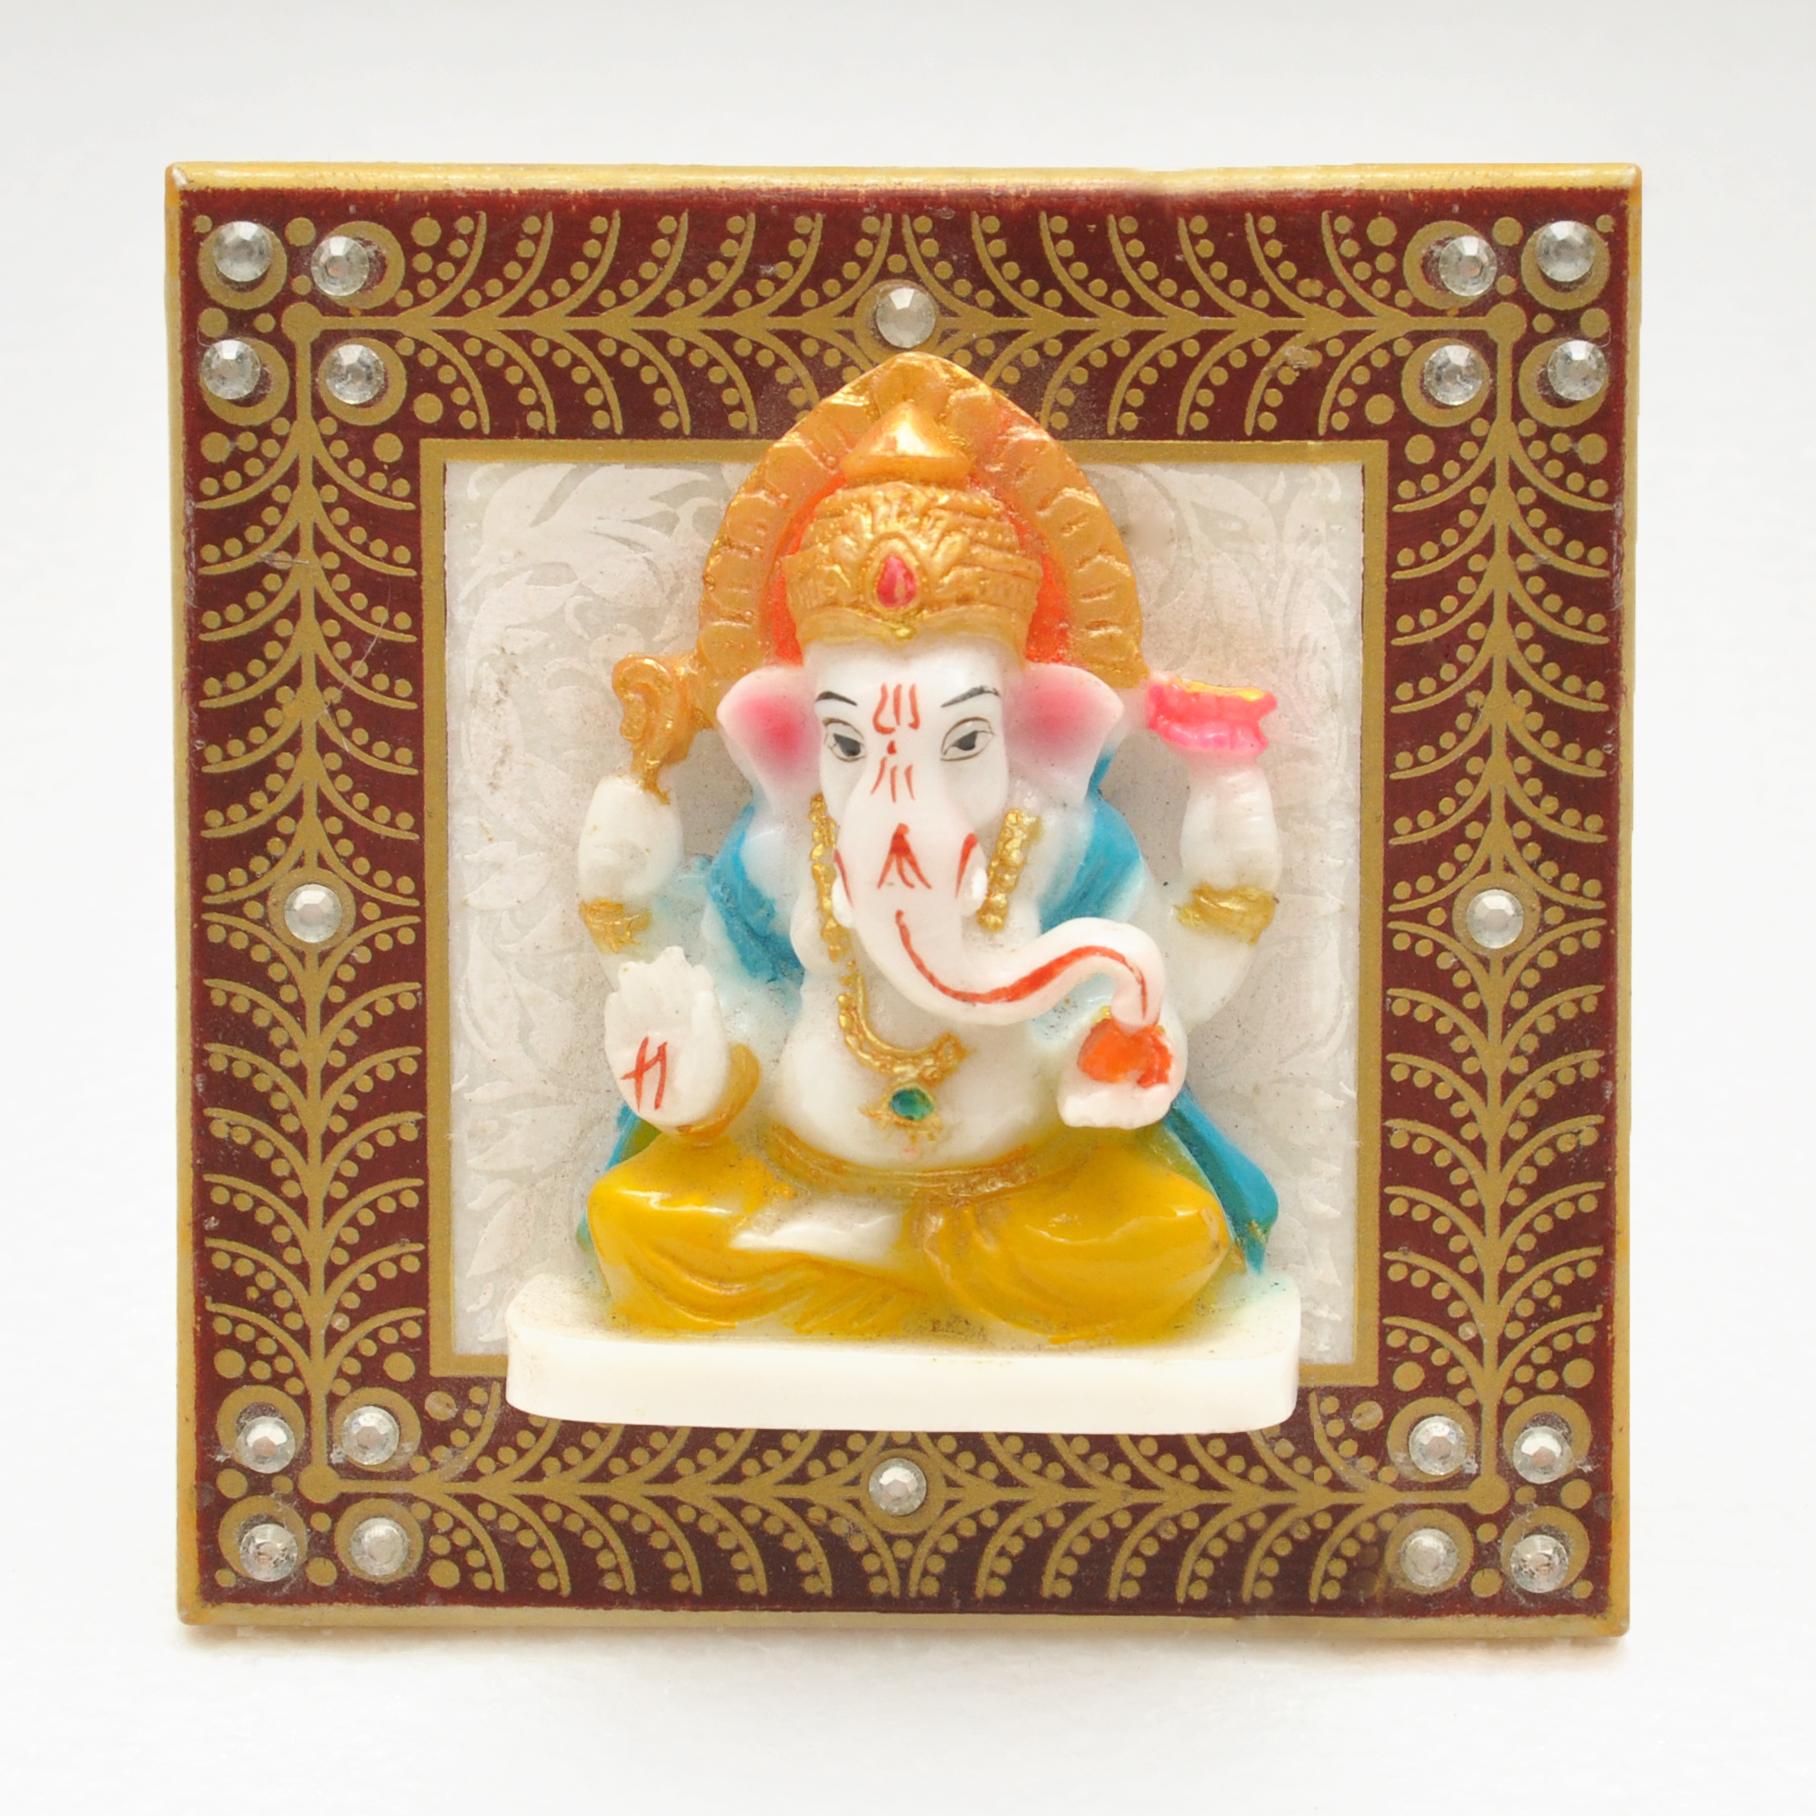 Gaura Art & Crafts